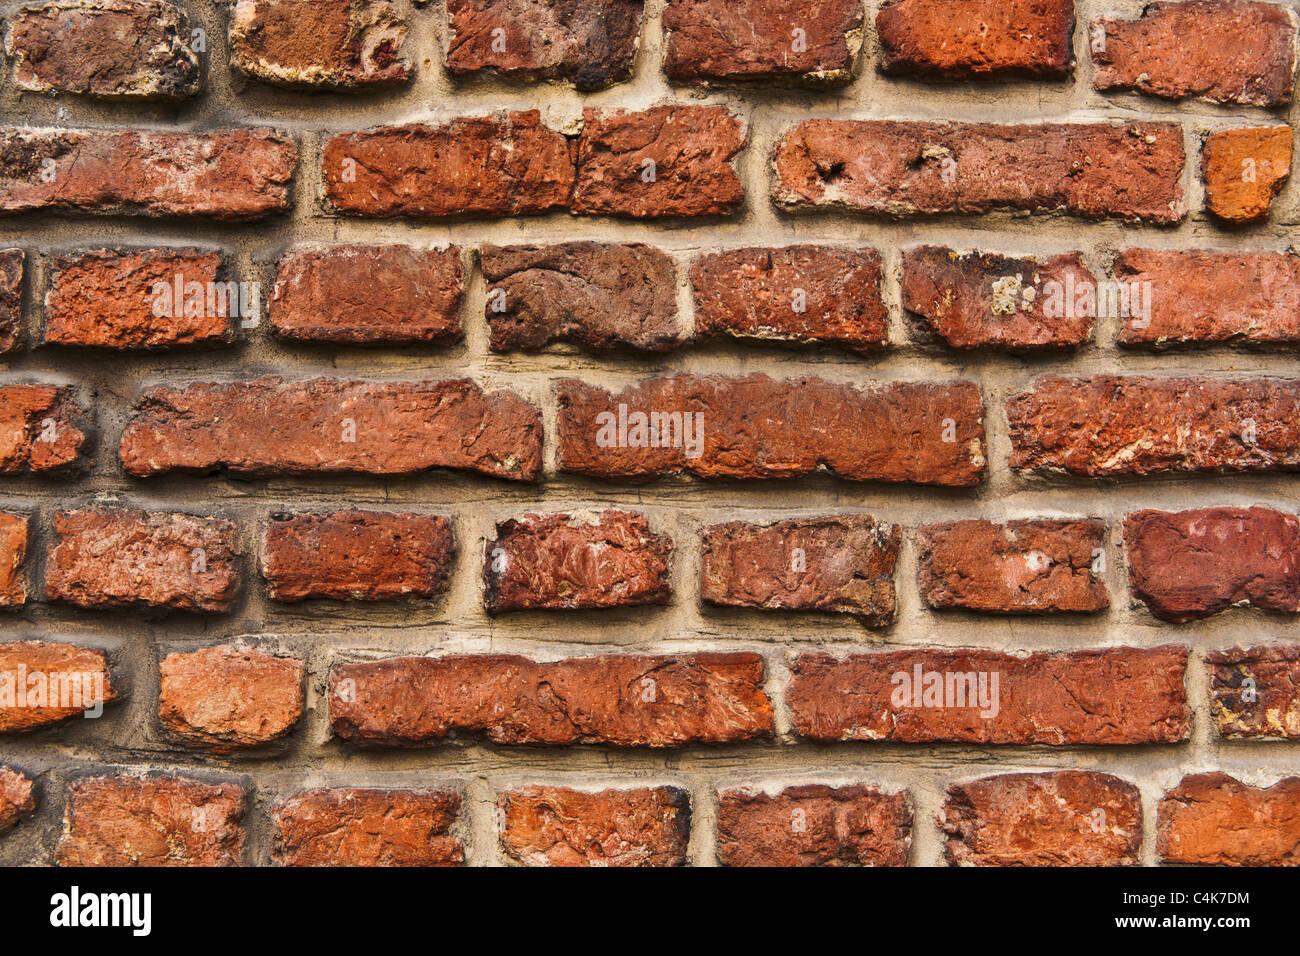 Detailansicht einer Ziegelmauer   Detail photo of a brick wall - Stock Image